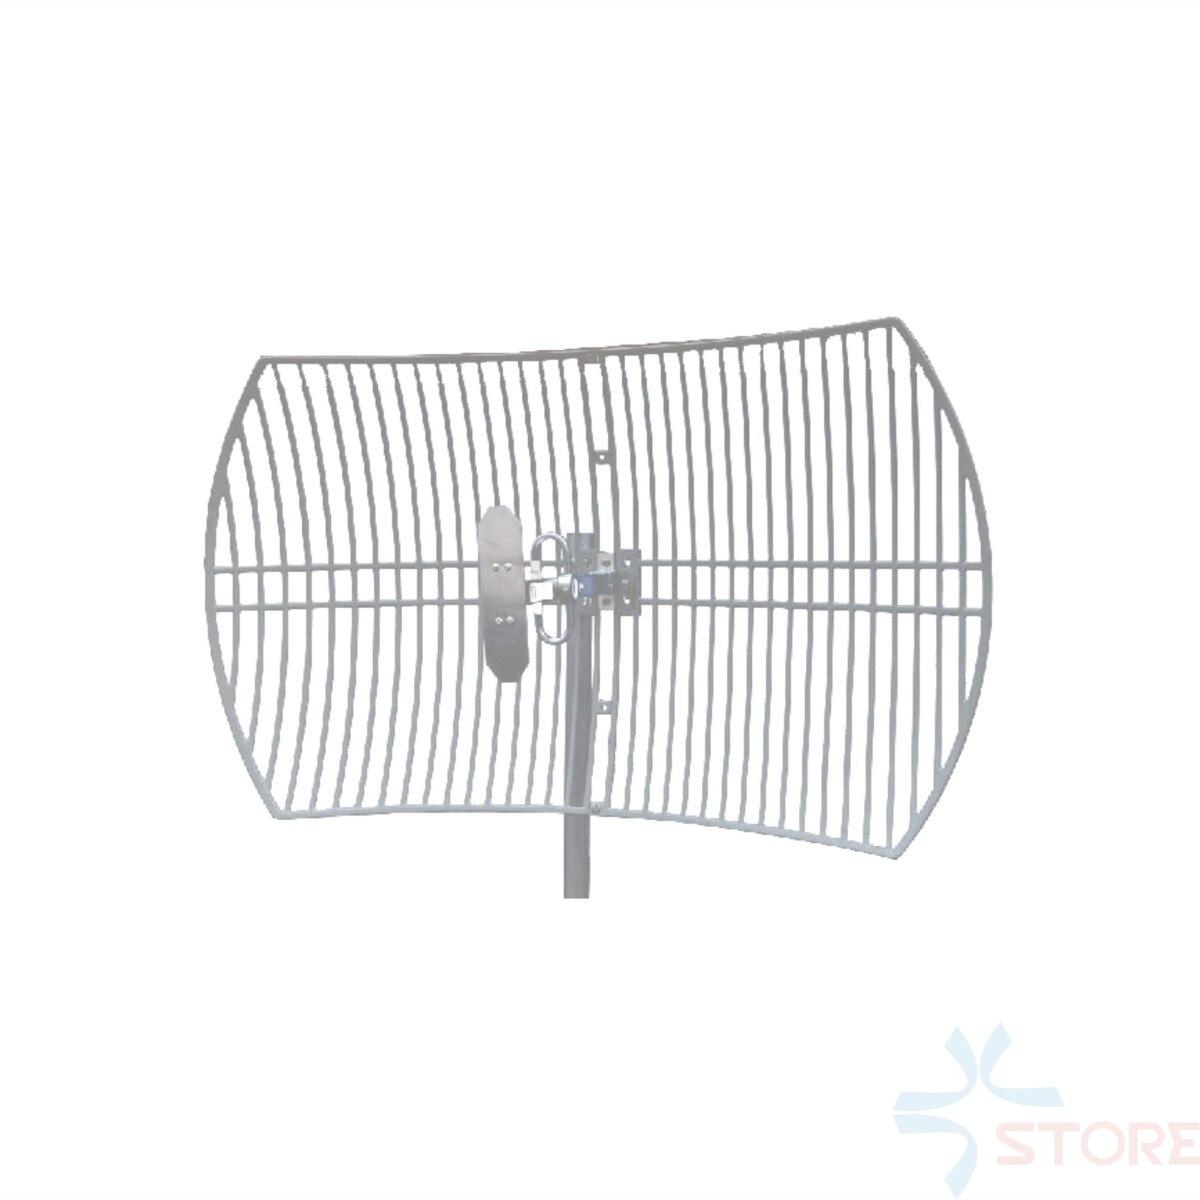 Antenne parabolique directionnelle de grille de GSM de Gain élevé de 900 MHz 15dBi pour le Modem de données Radio de Transmission de données de CUAV d'uhf